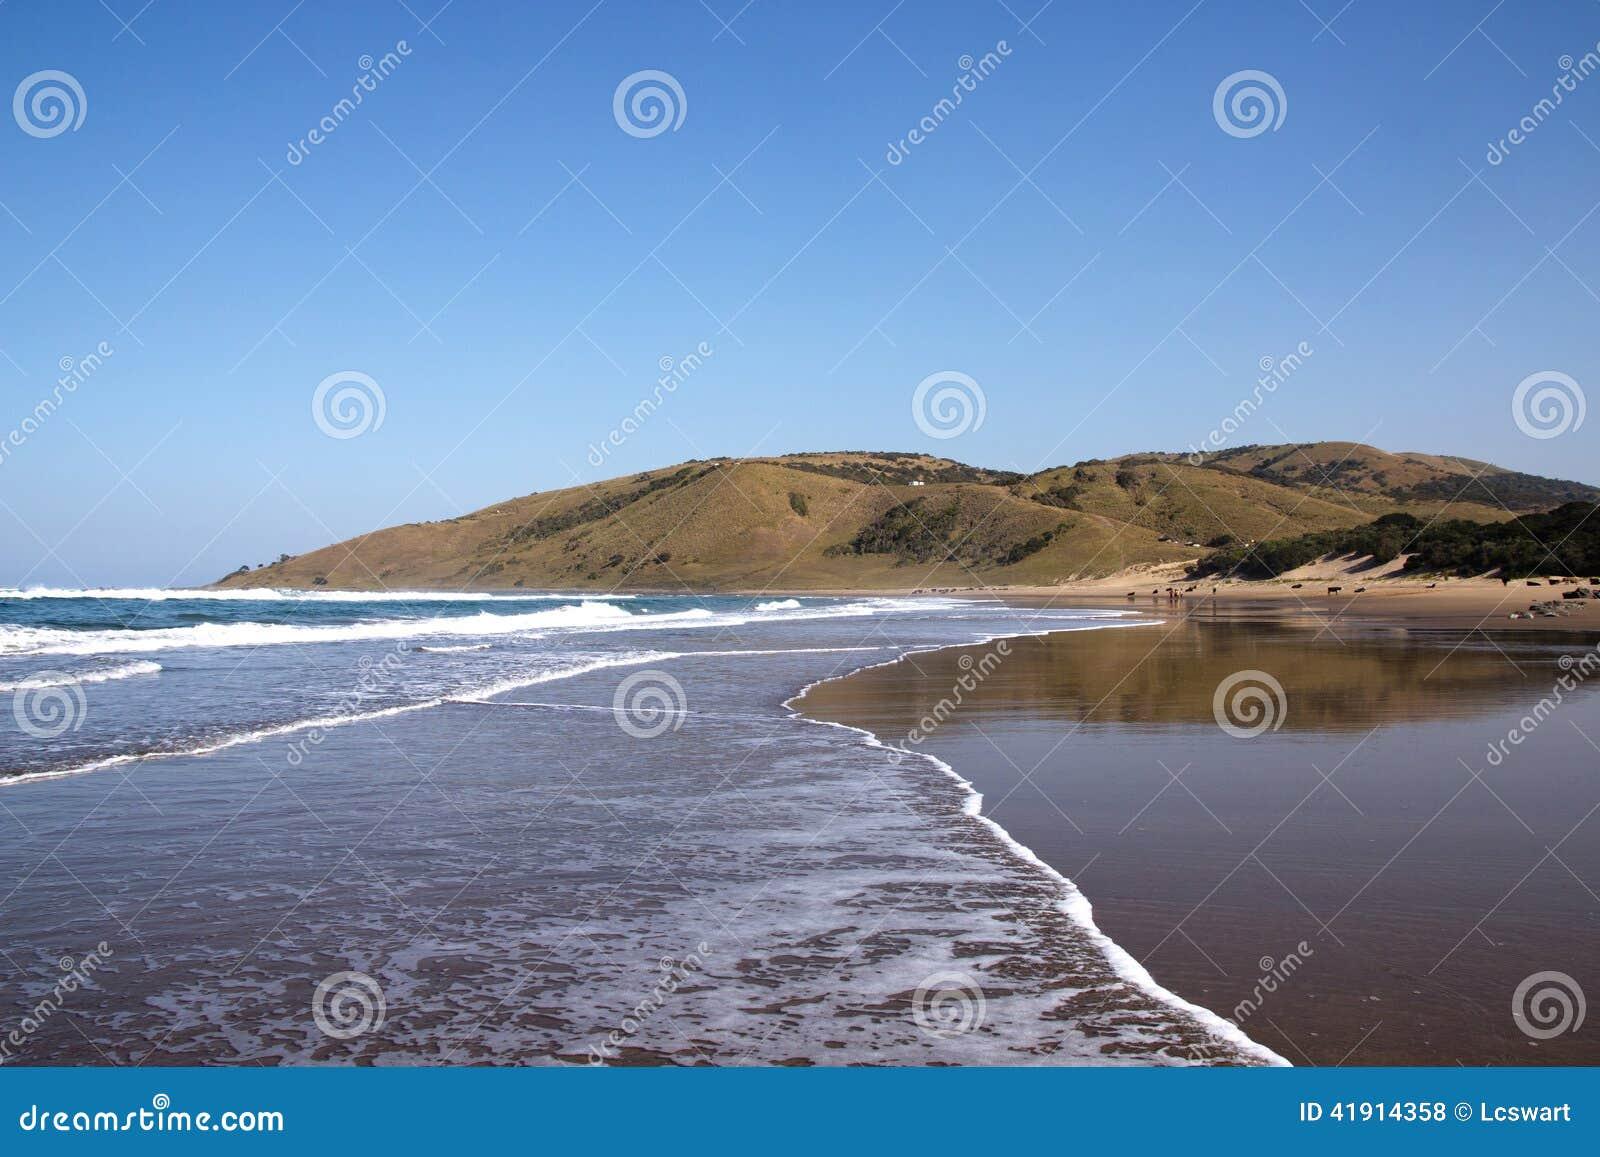 Marea saliente en la playa salvaje de la costa, Transkei, Suráfrica